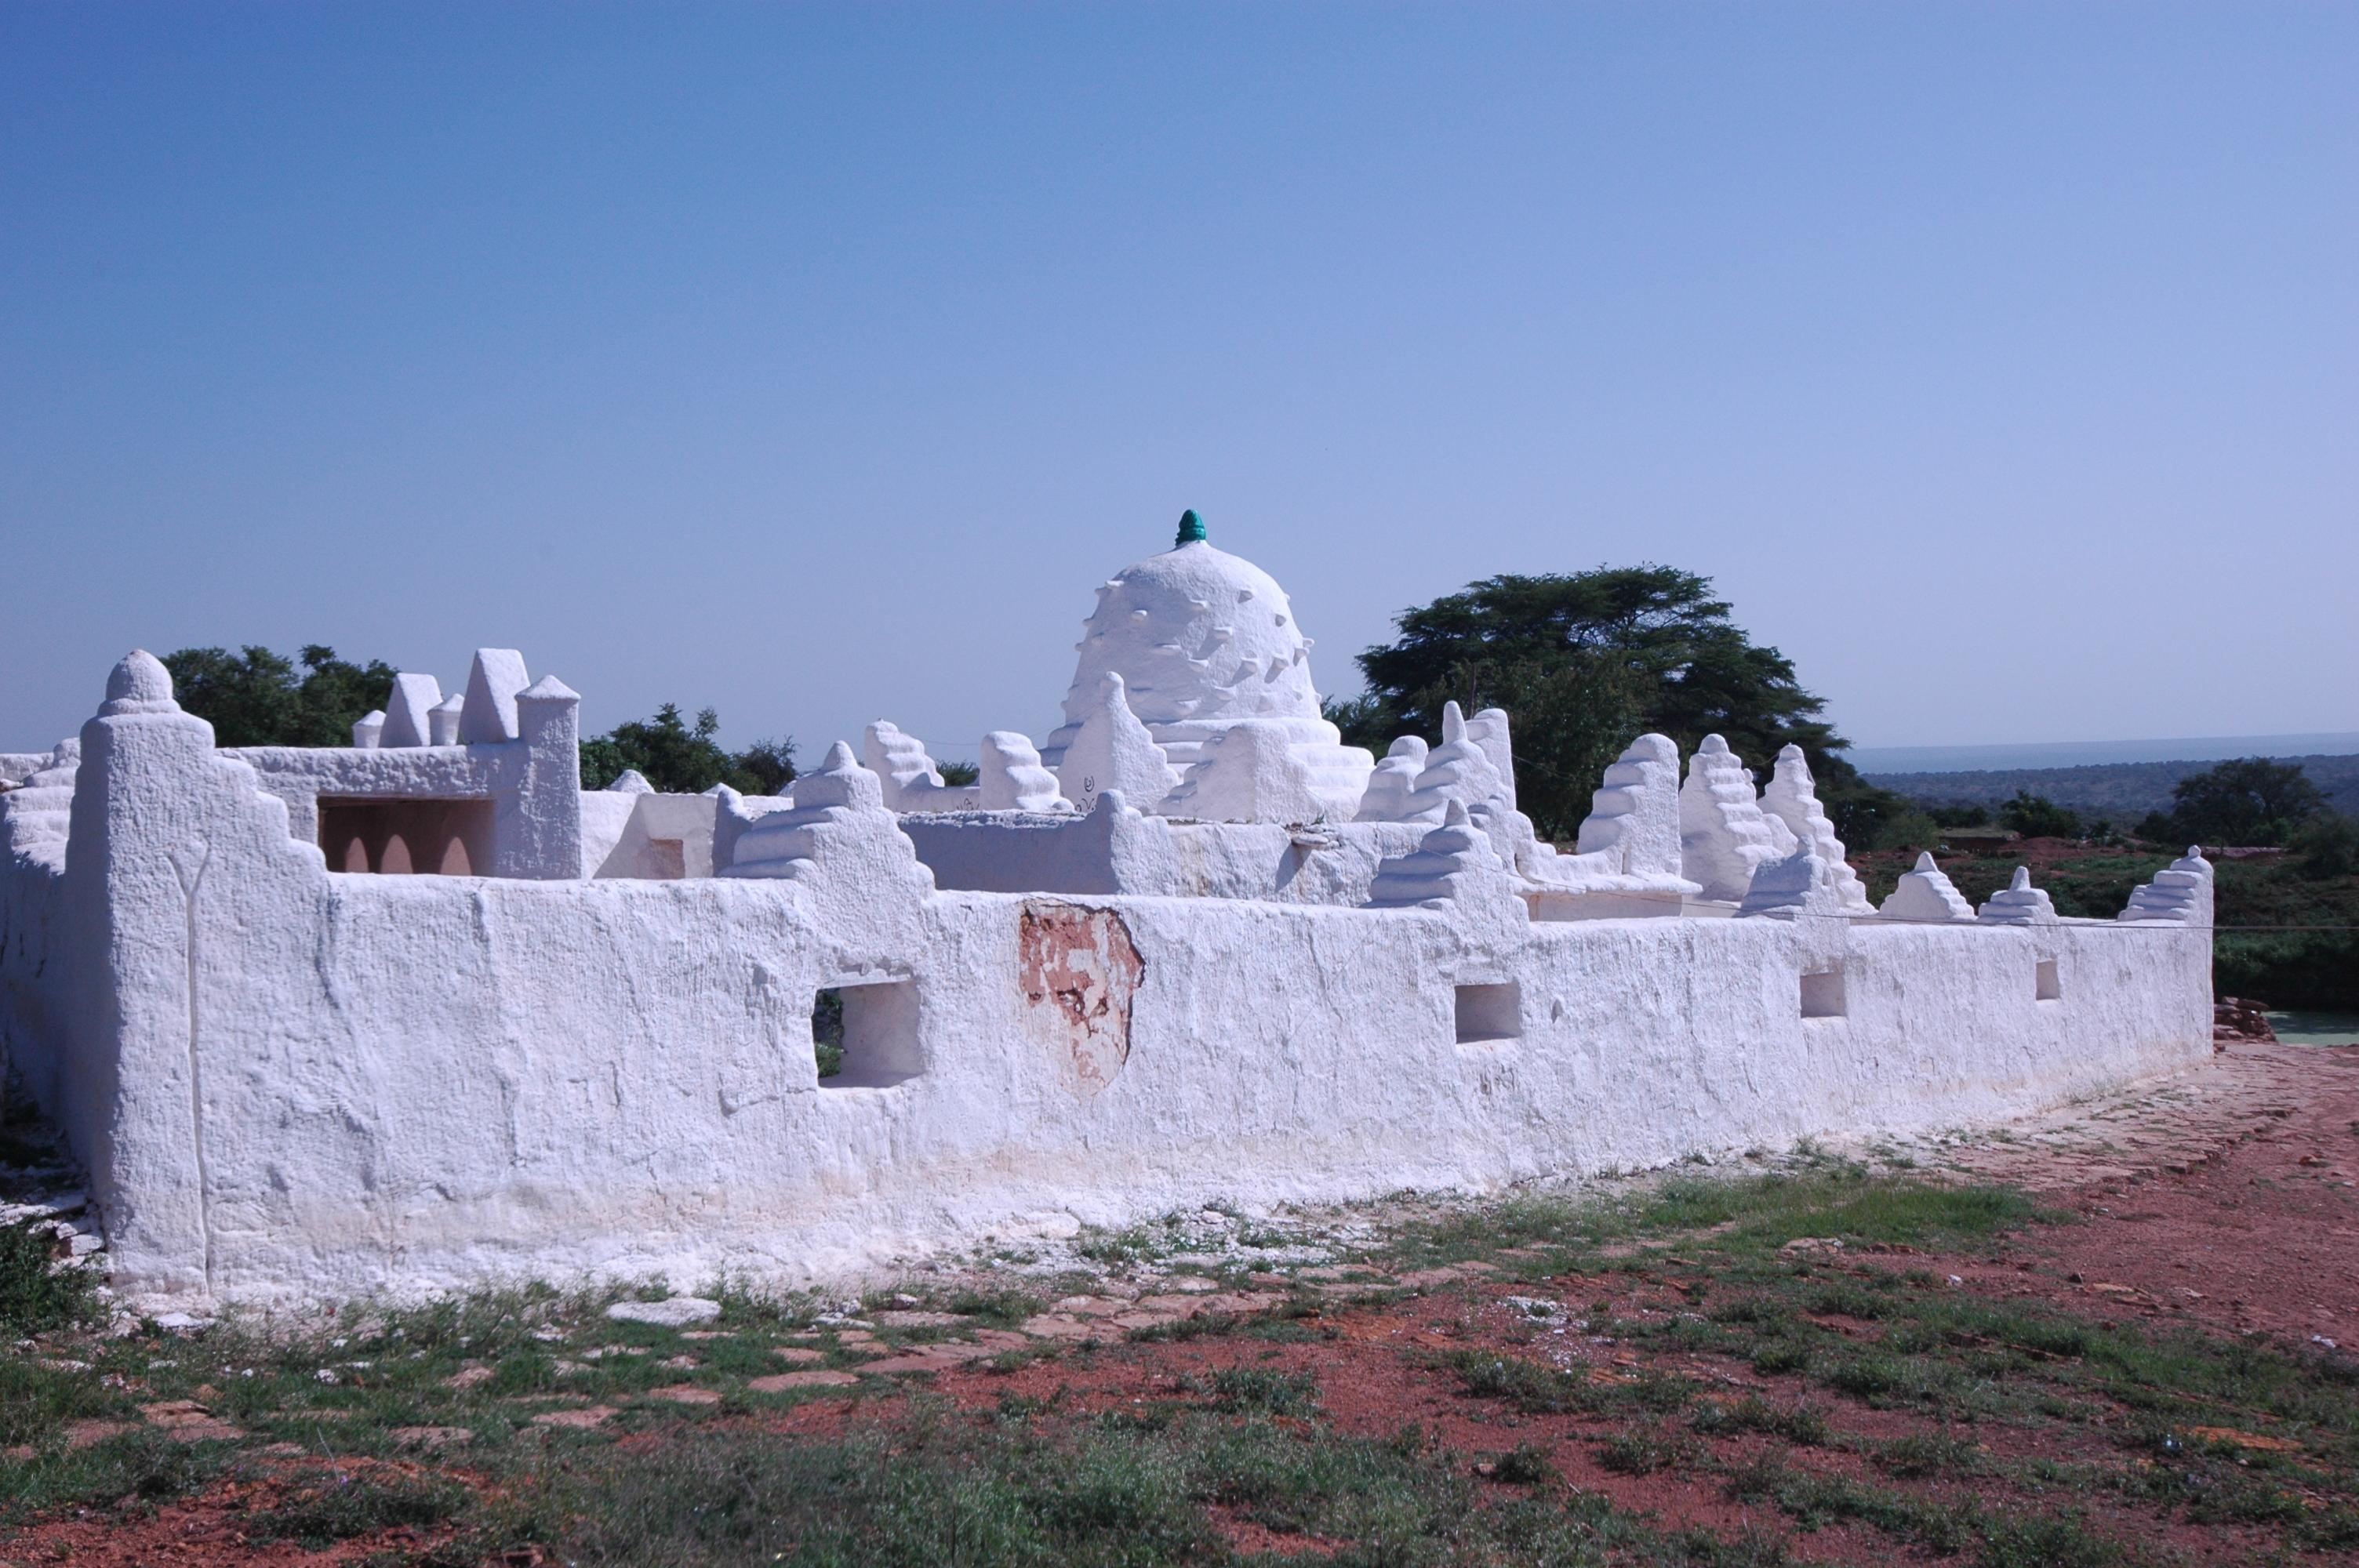 Sheikh Hussein Ethiopia